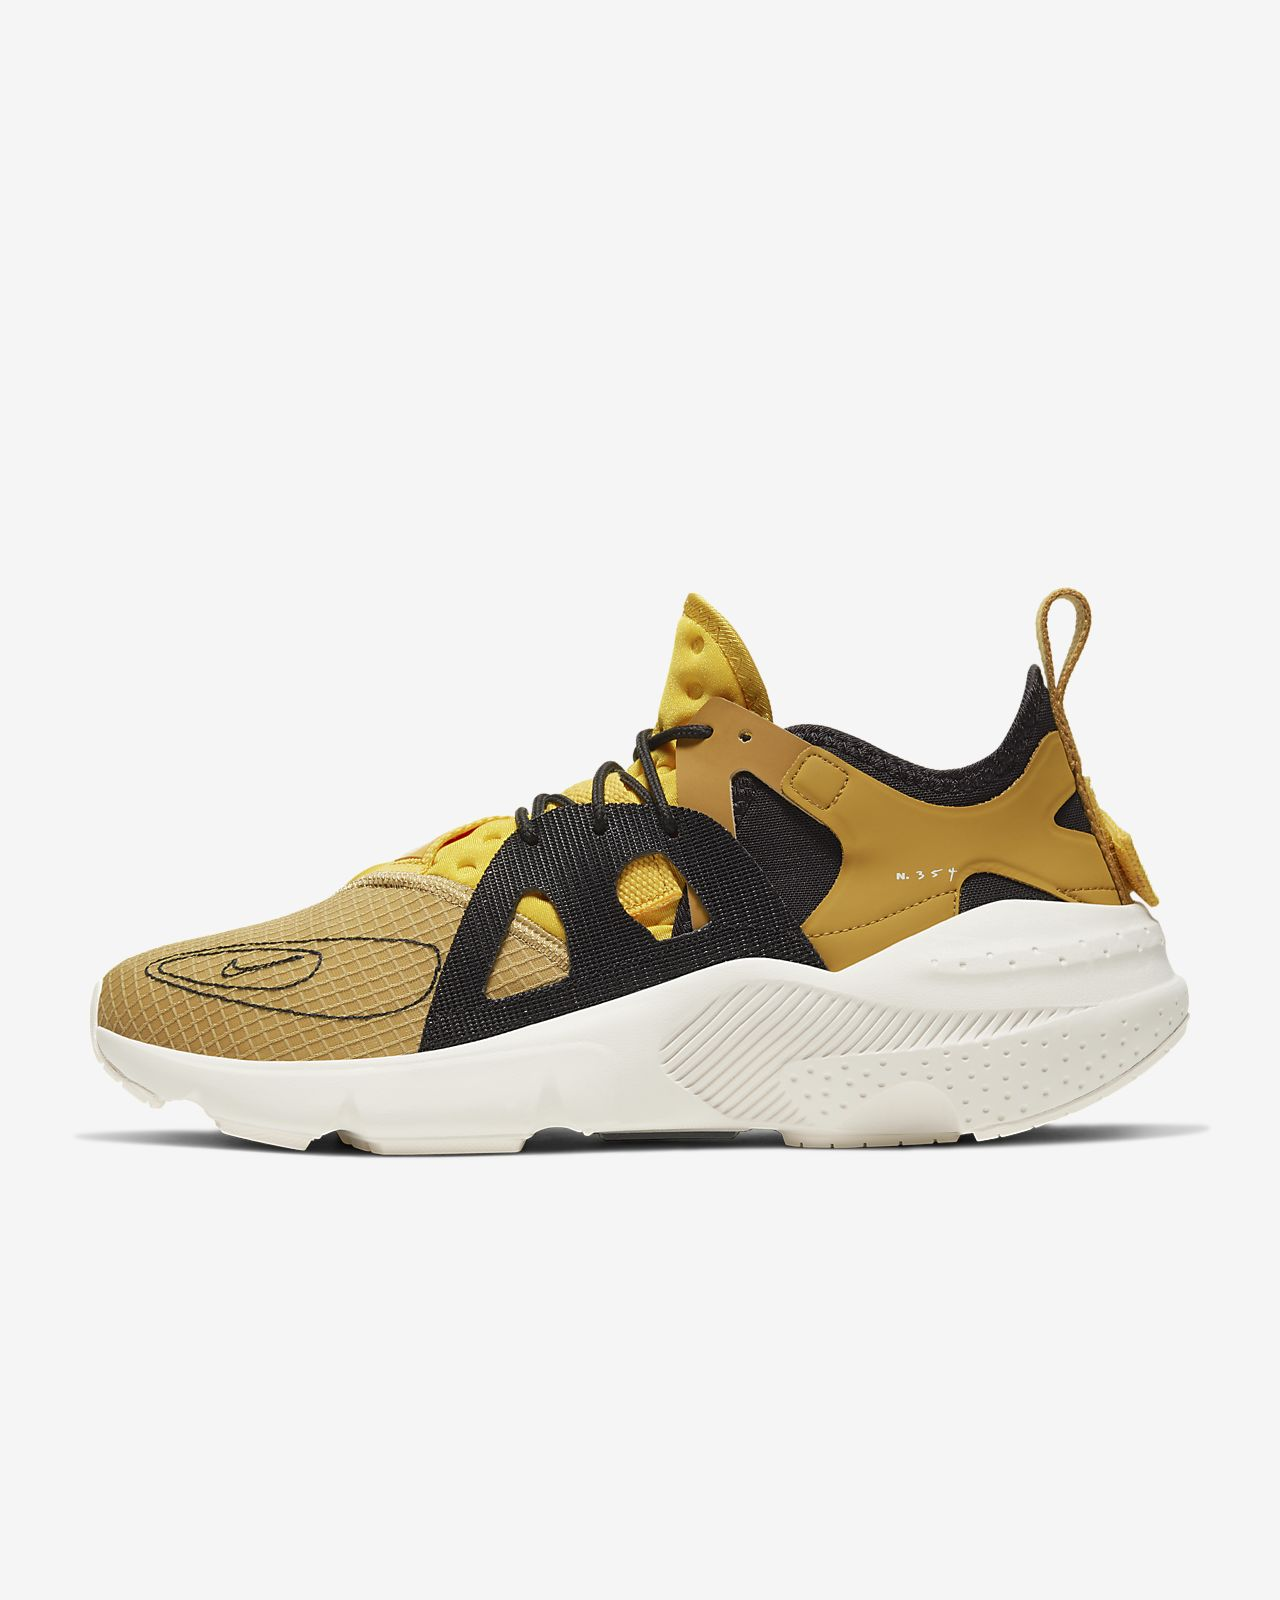 Nike Huaraches Shoes for Women & Men | Flight Club